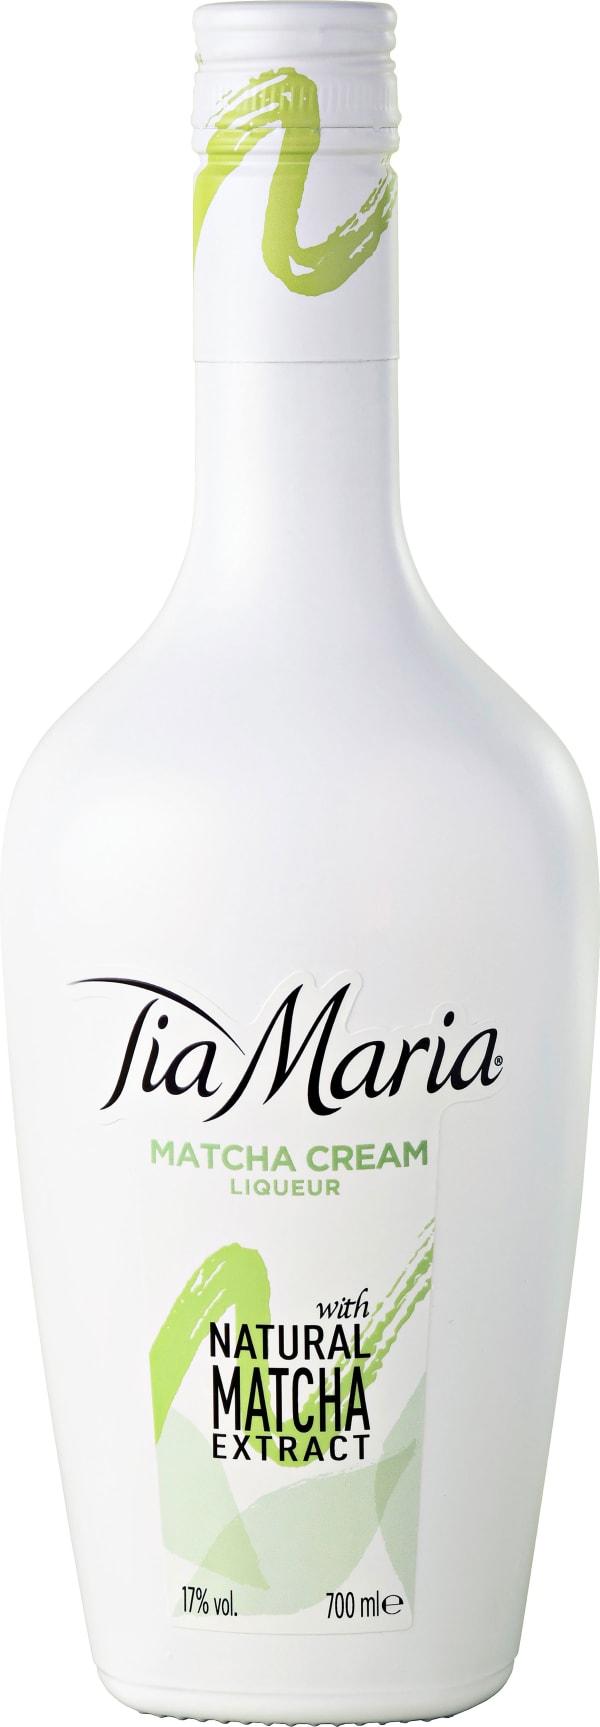 Tia Maria Matcha Cream